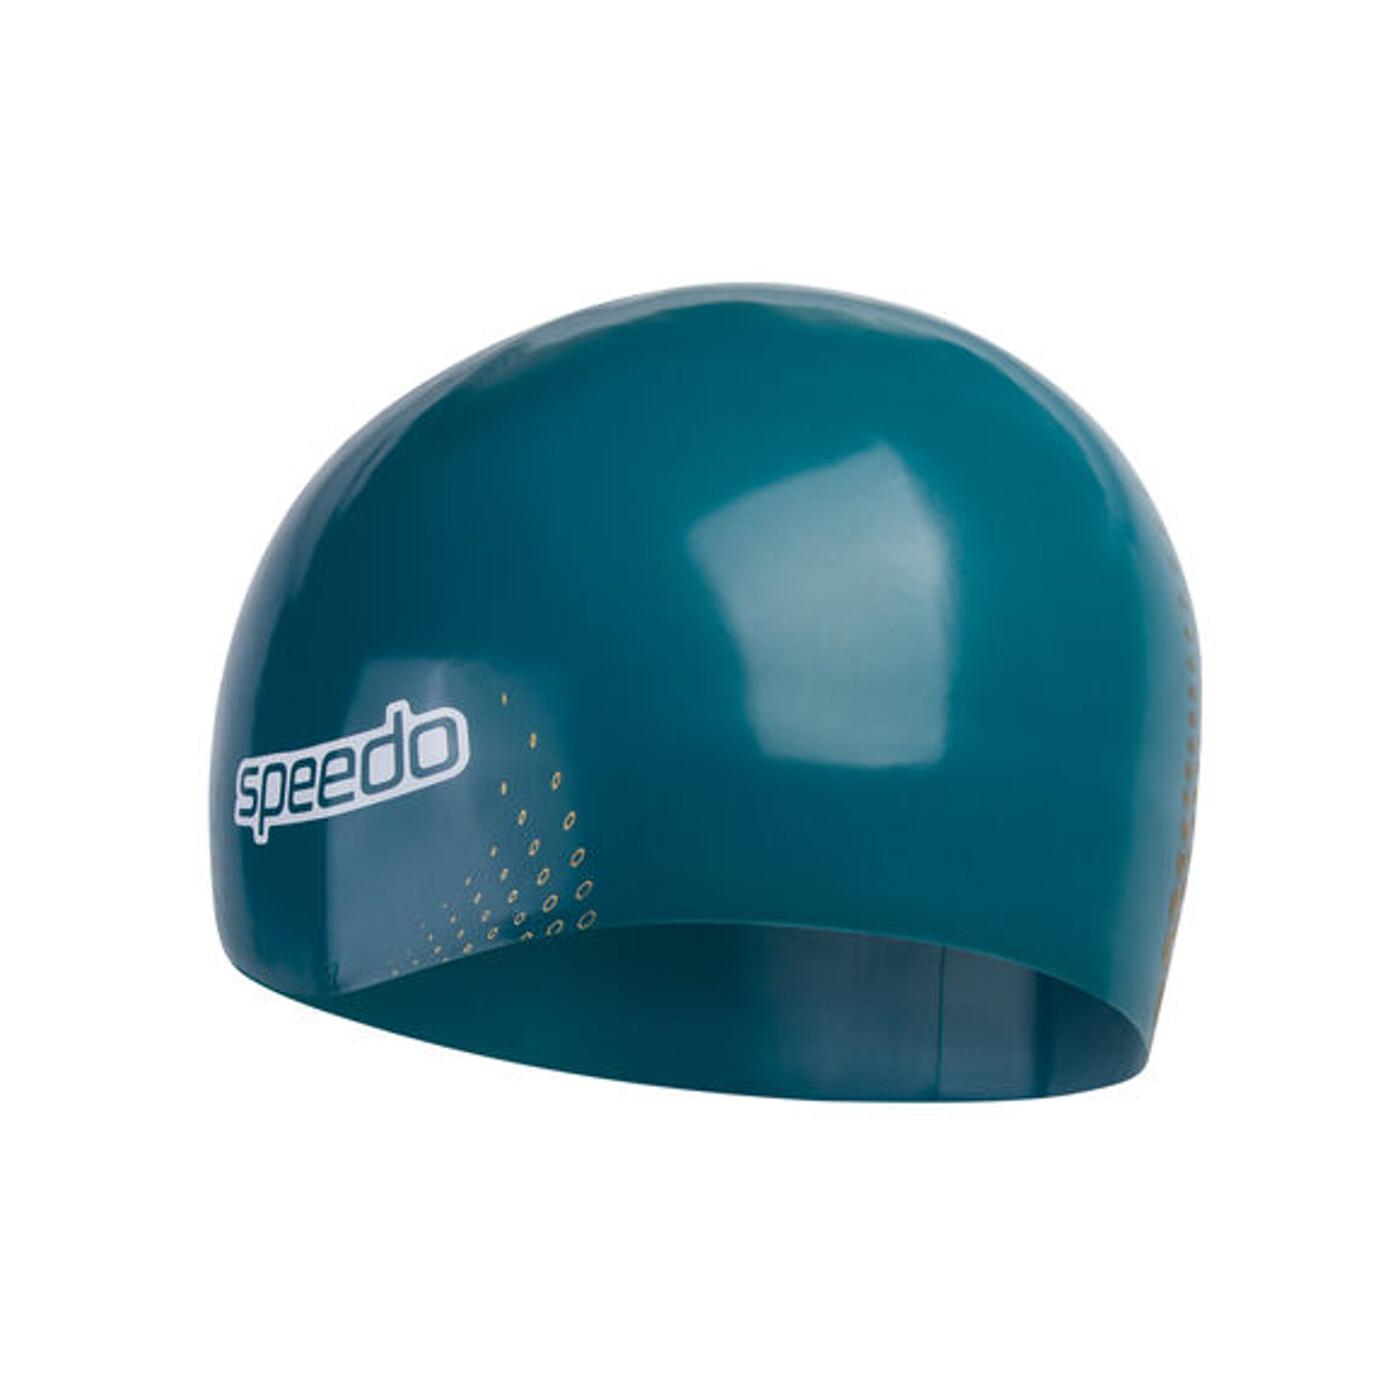 SPEEDO FASTSKIN CAP AU BLUE/GOLD - Herren